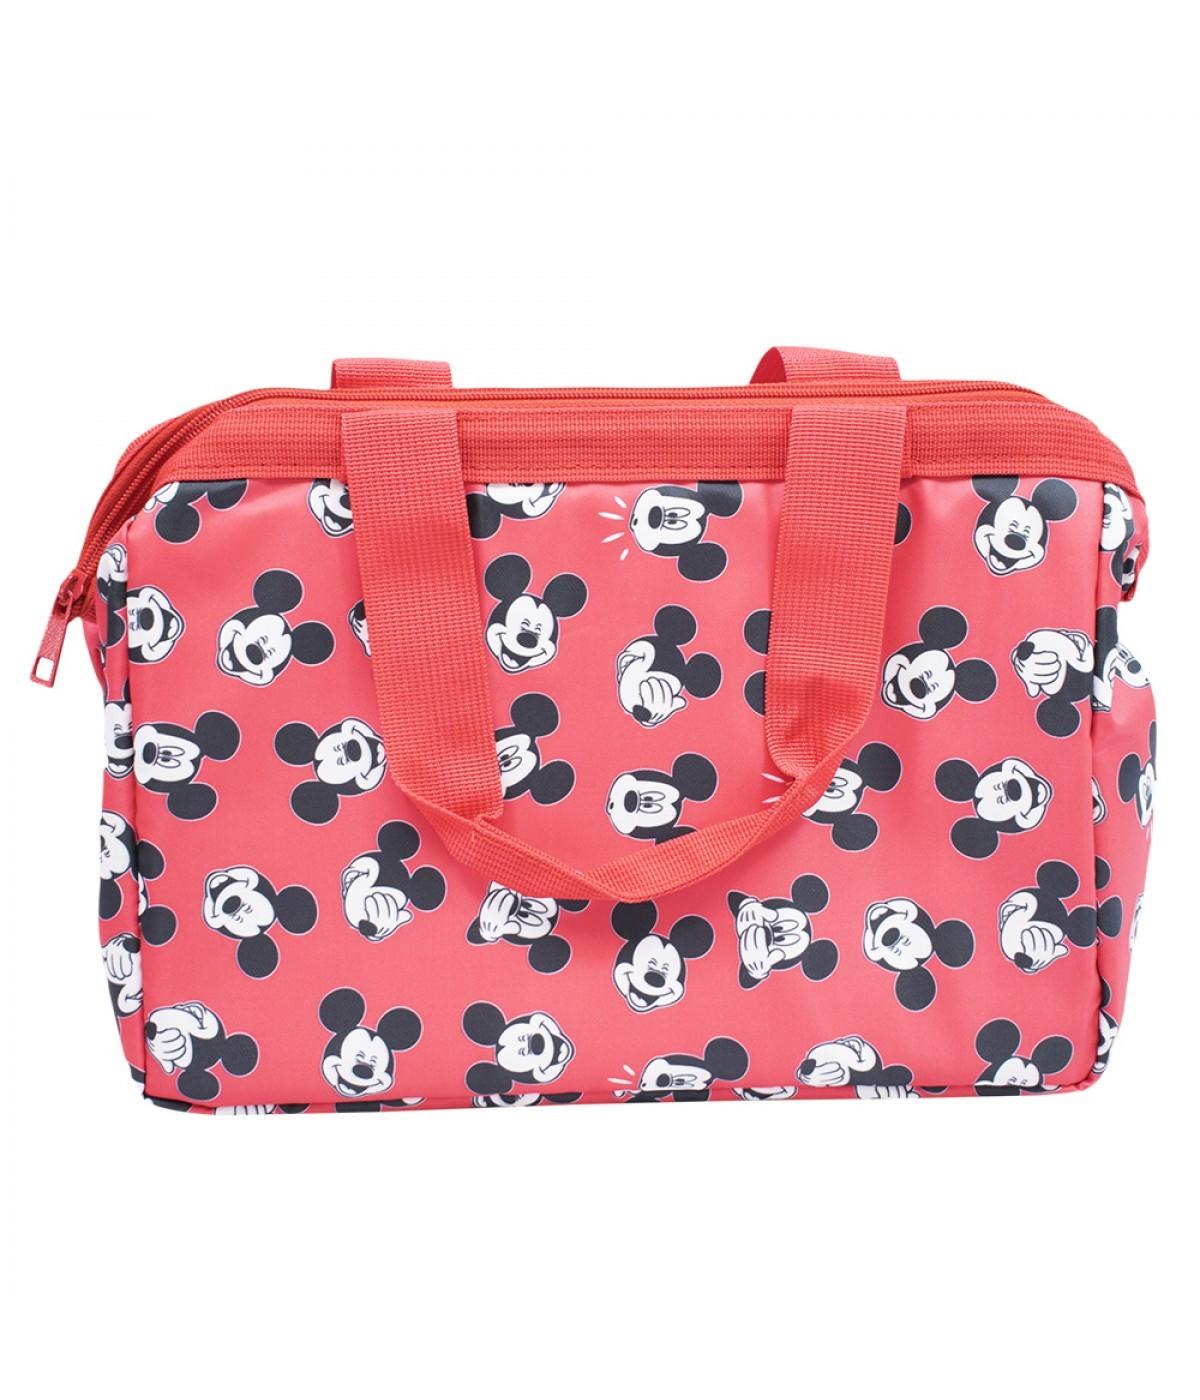 Bolsa Térmica Mickey e Minnie Mouse Vermelho - Disney